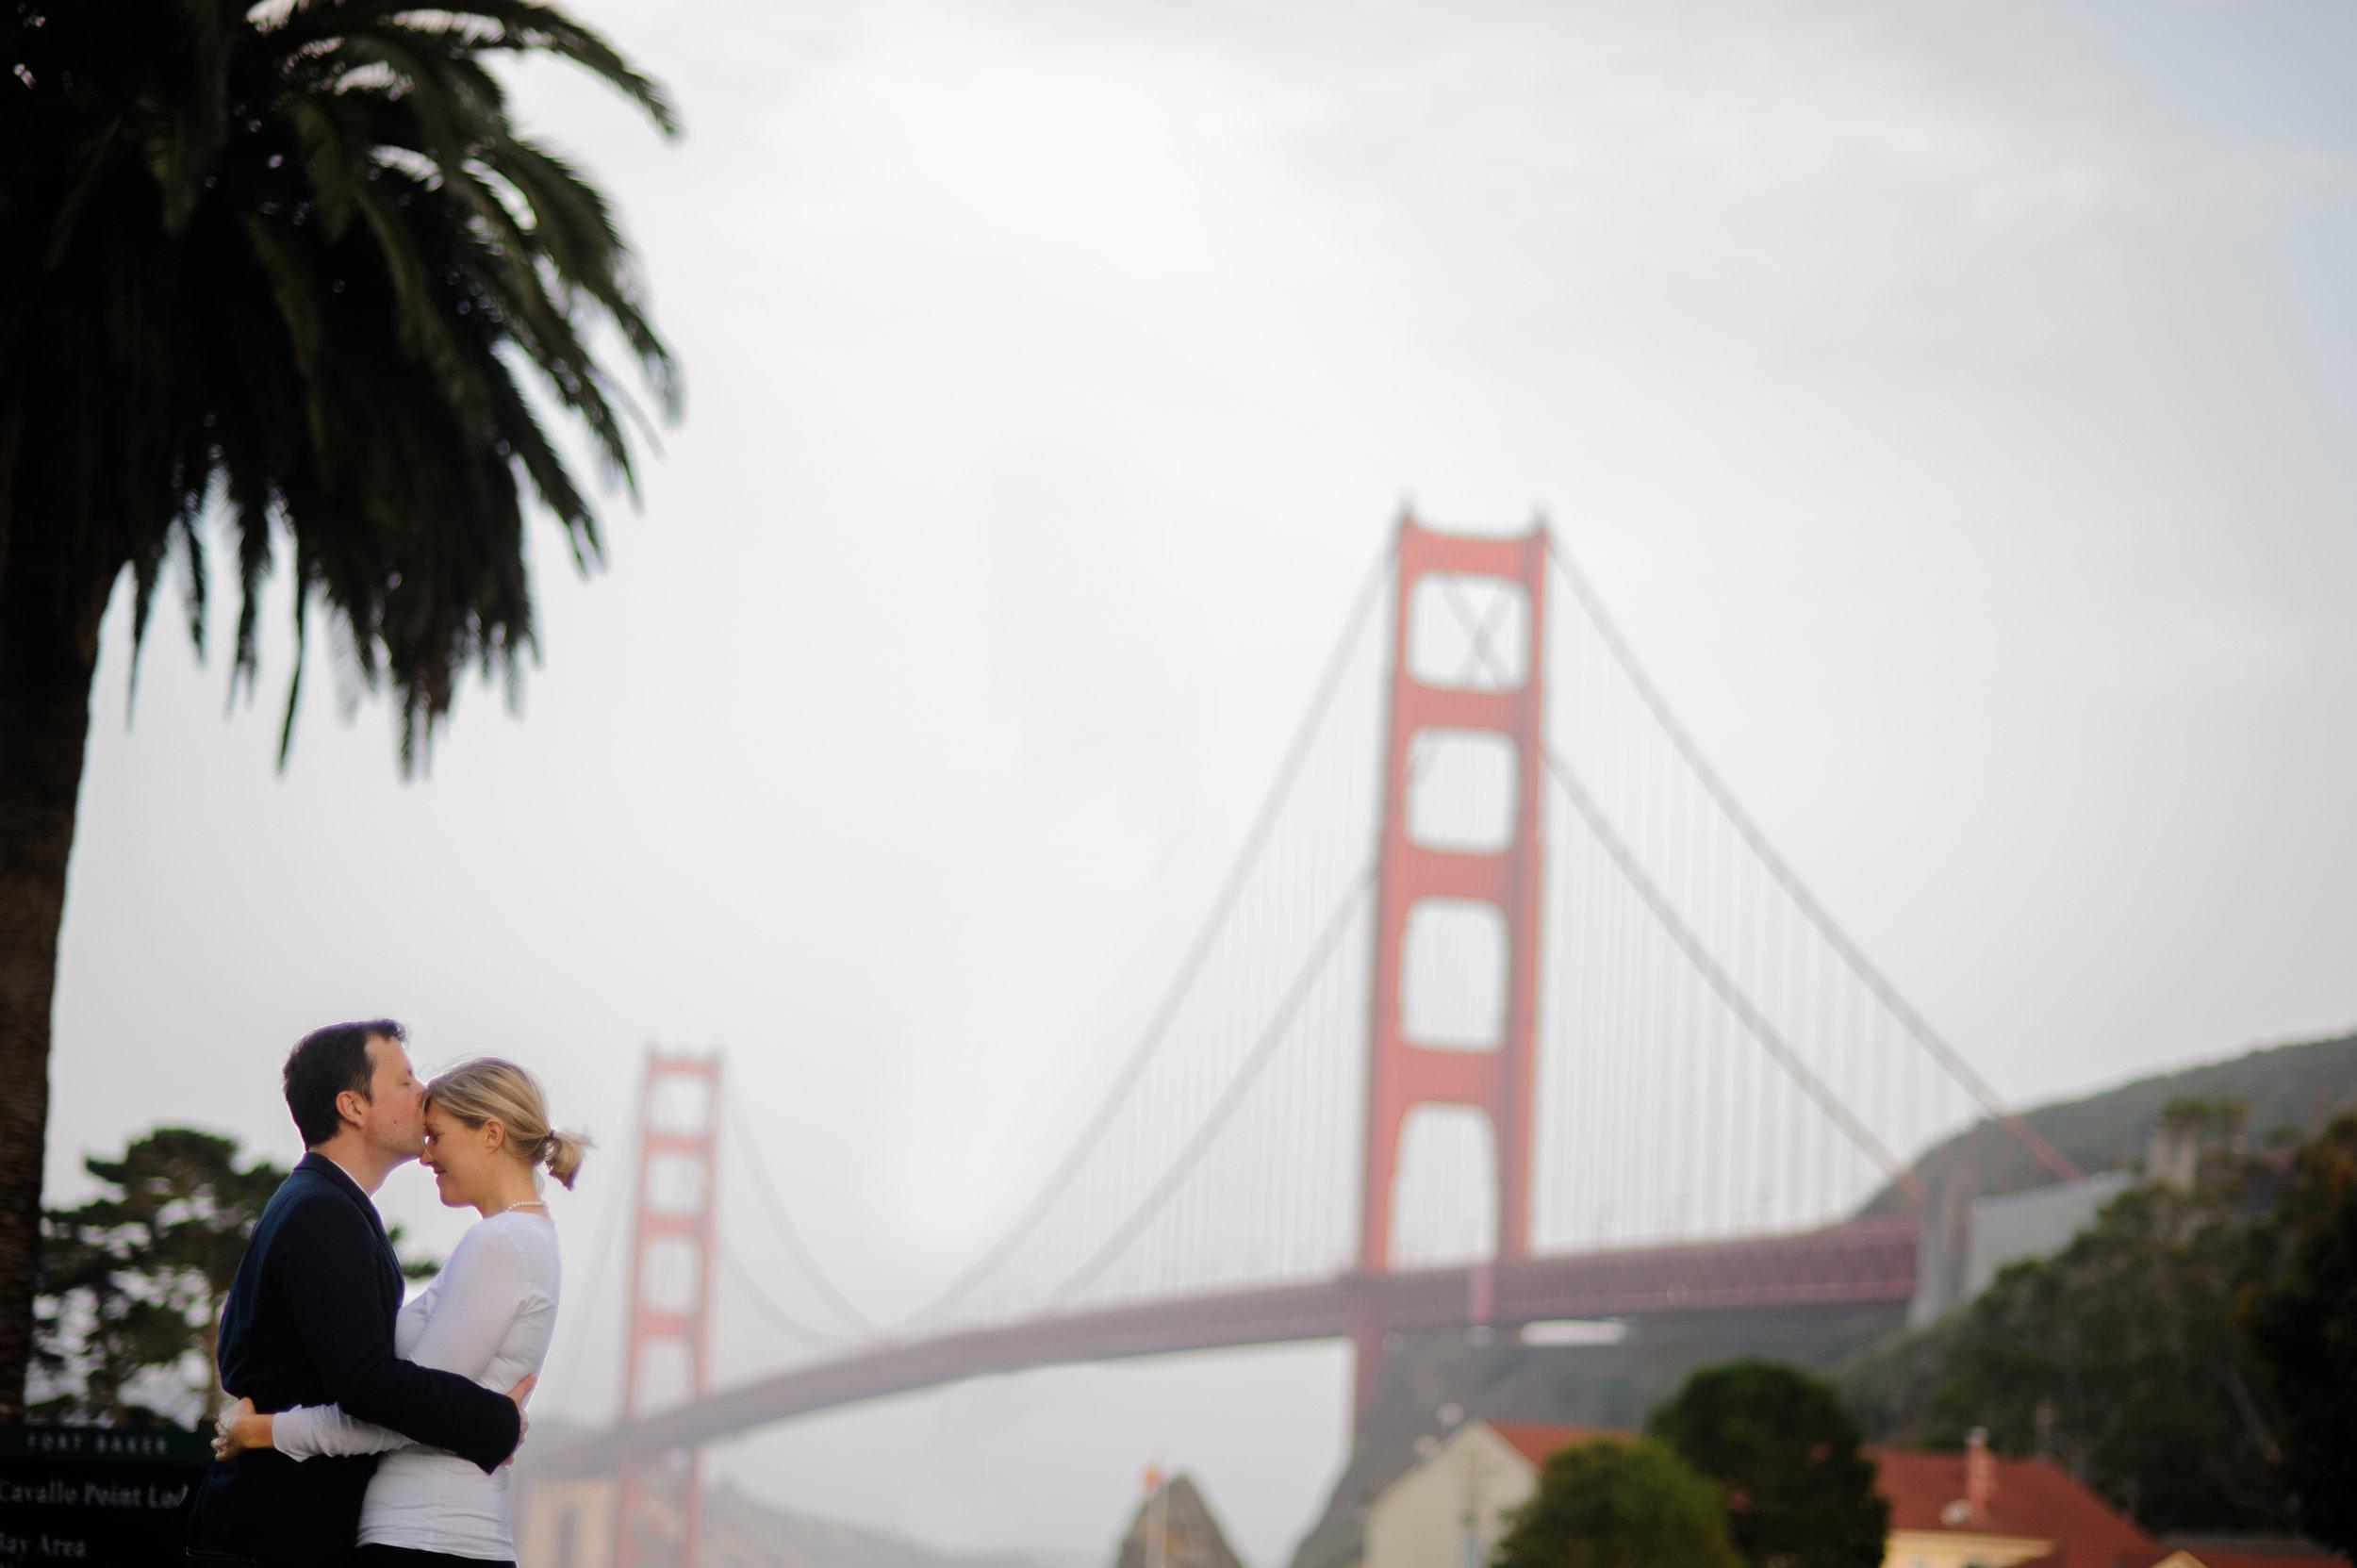 reed-aleks-010-san-francisco-engagement-wedding-photographer-katherine-nicole-photography.JPG